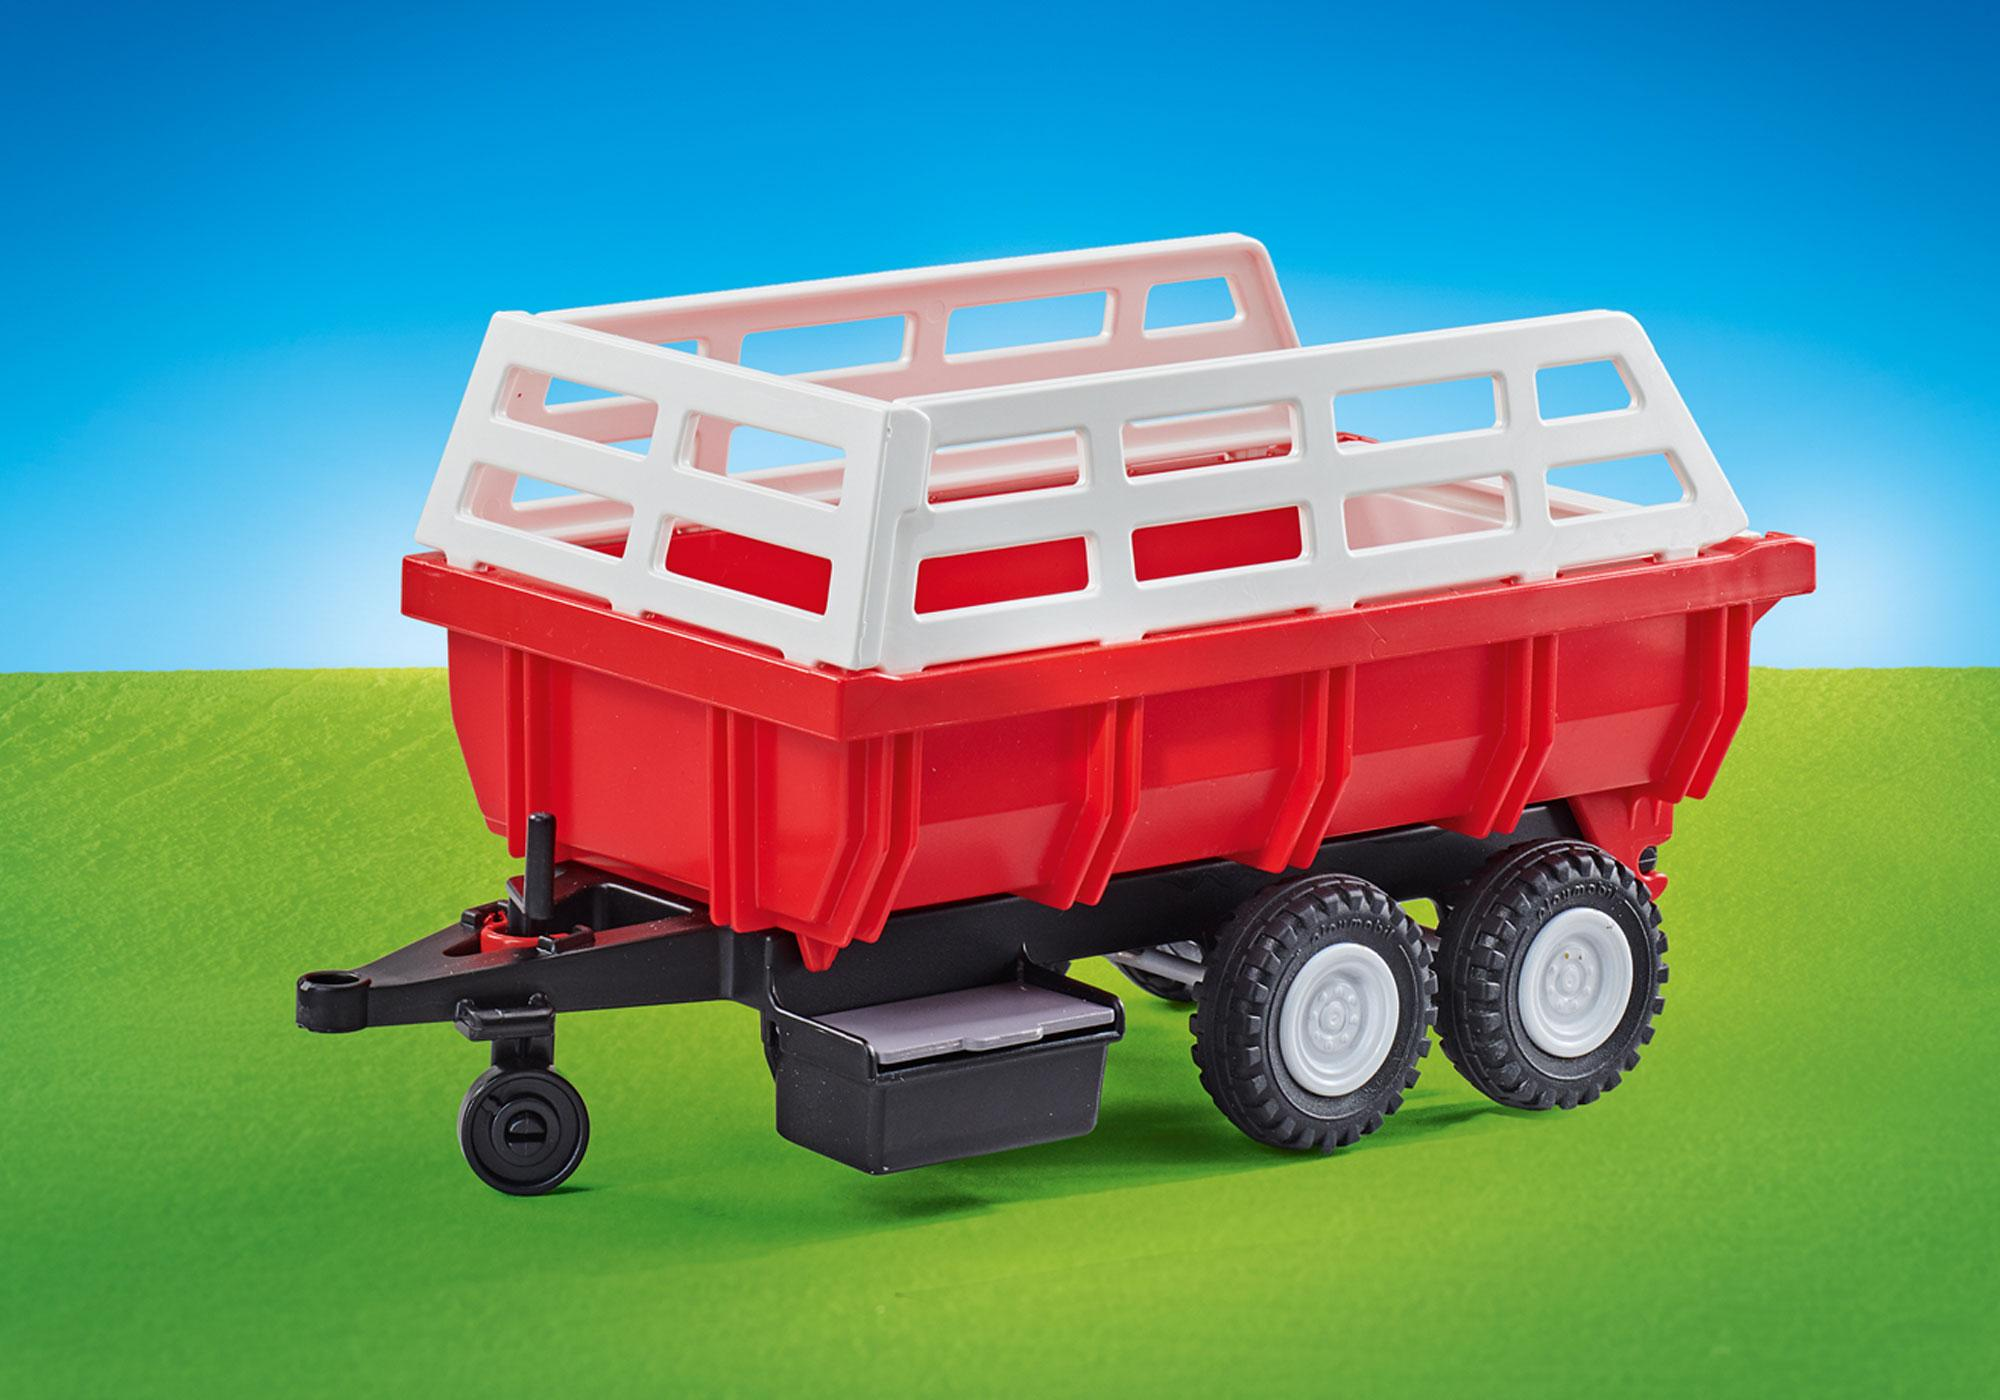 http://media.playmobil.com/i/playmobil/6577_product_detail/Aanhangwagen voor tractor